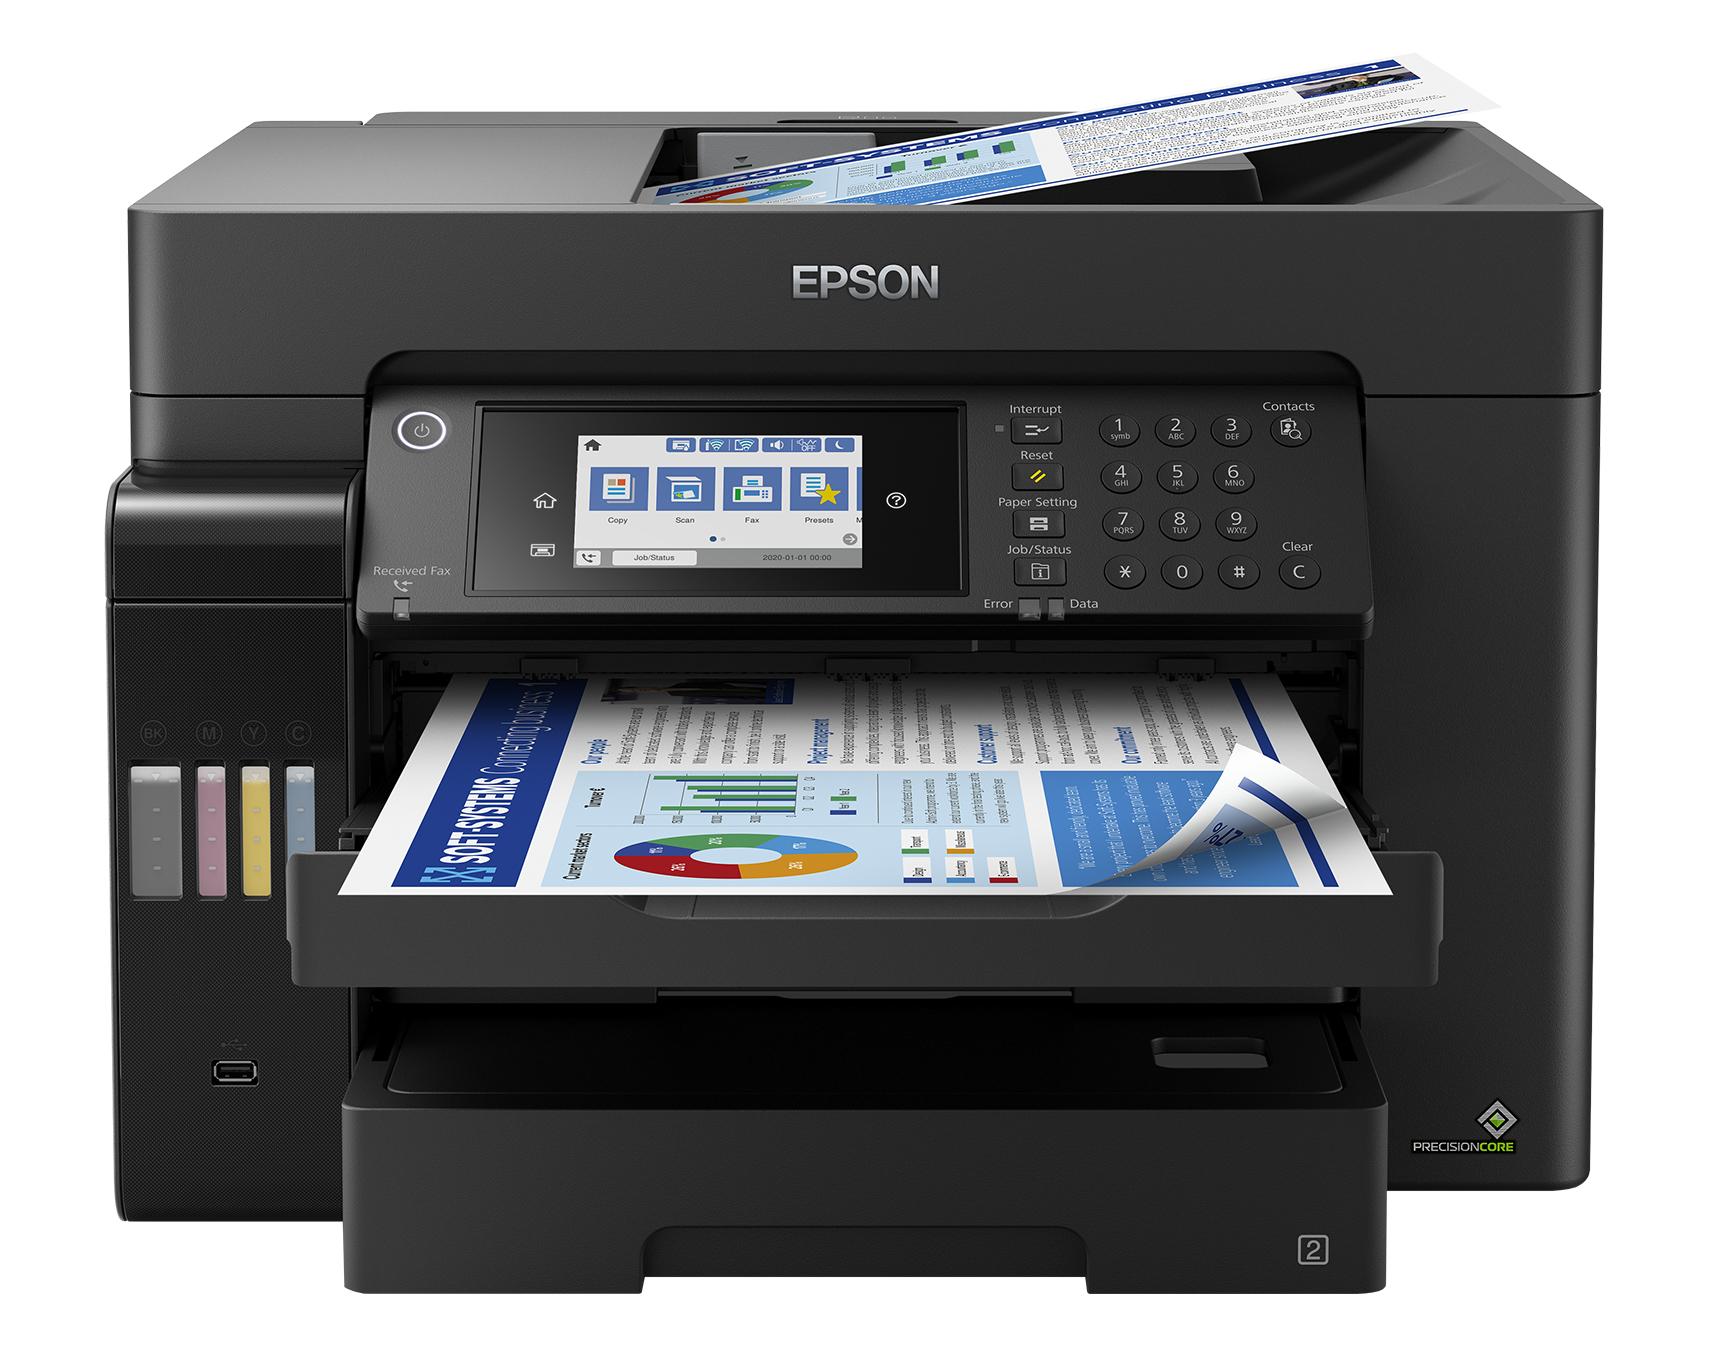 Epson EcoTank ET-16650 Inyección de tinta 4800 x 2400 DPI 32 ppm A3+ Wifi